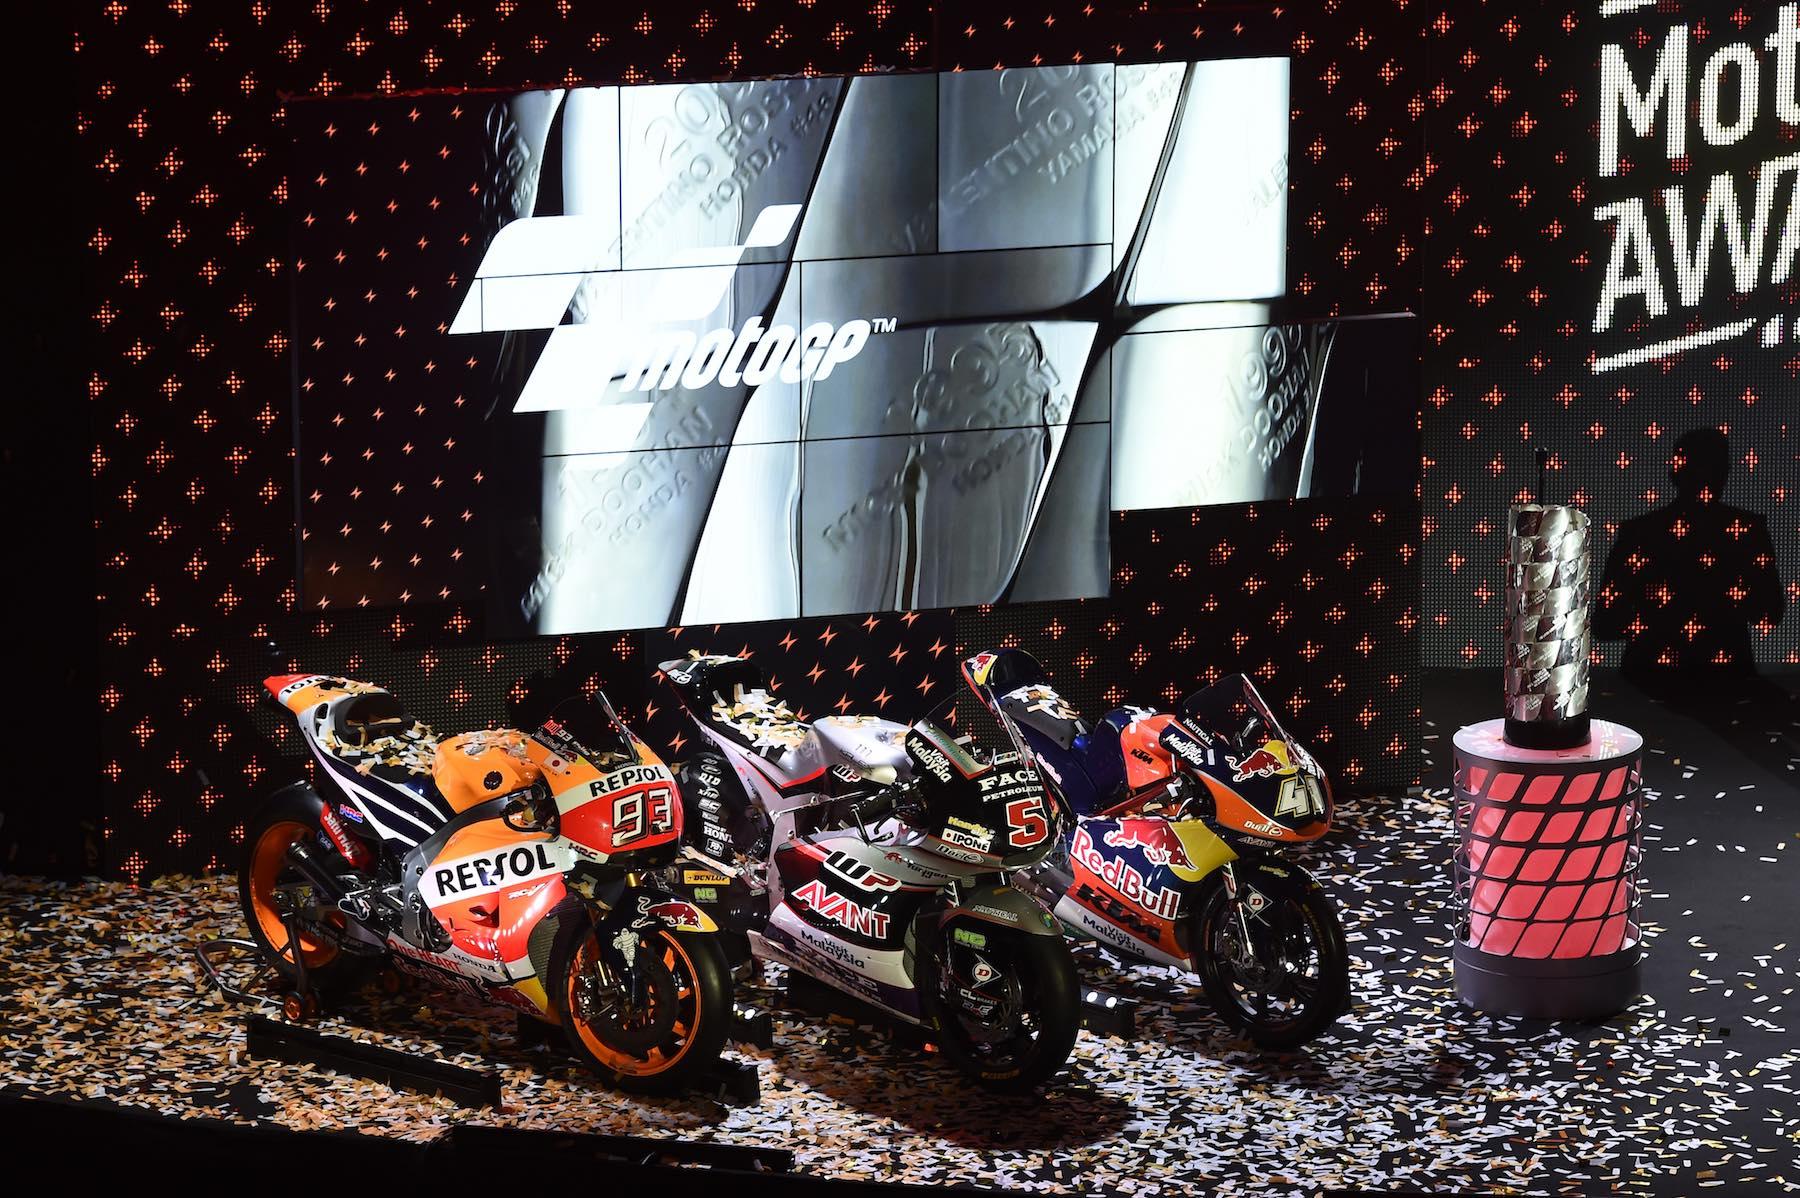 No habrá MotoGP en abierto, ¿queda Movistar a solas? Todo lo que debes saber